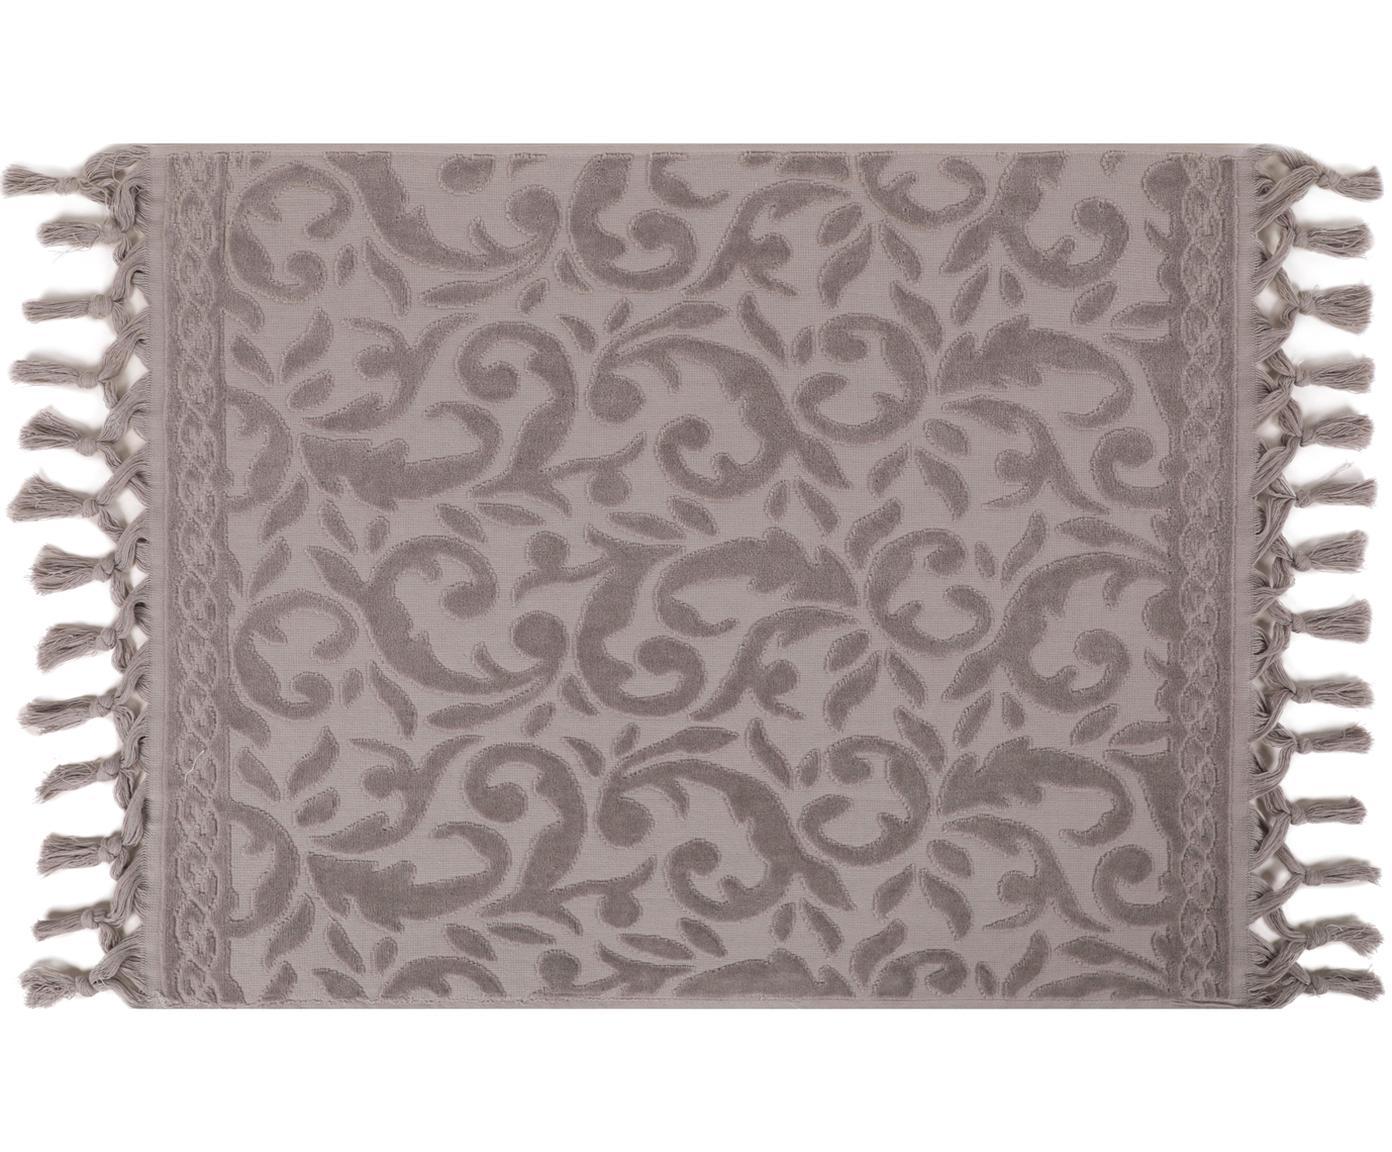 Tappeto bagno con motivo paisley in velluto Caroline, Cotone, Grigio chiaro, Larg. 50 x Lung. 70 cm